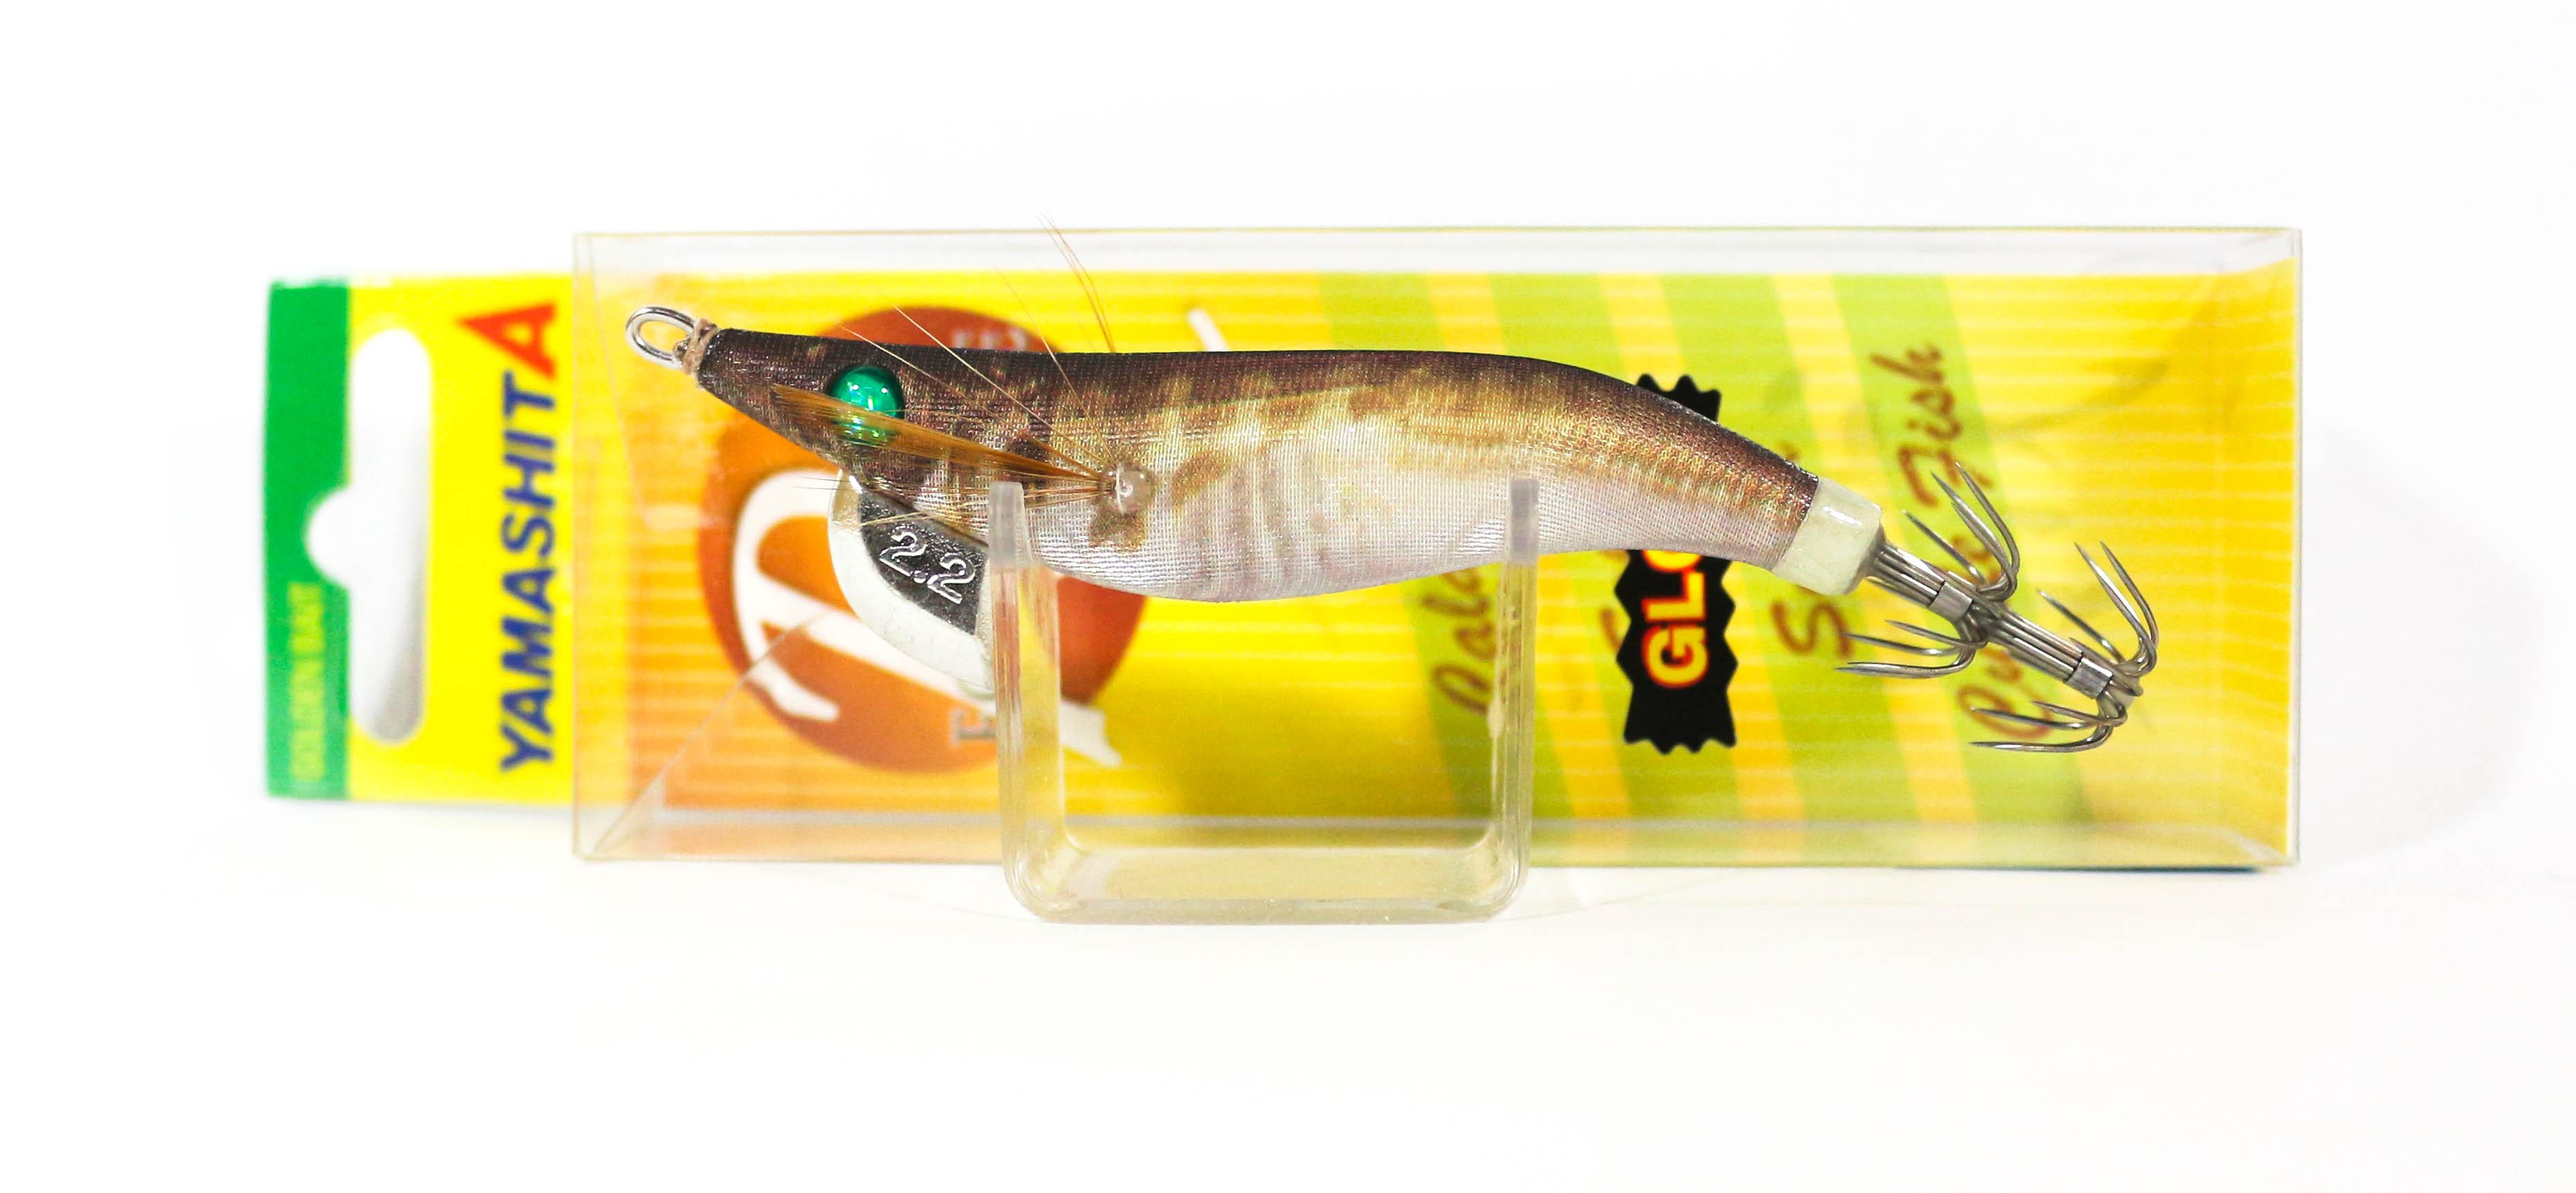 Yamashita Egi Sutte-R Squid Jig 2.2 NC 6.5 grams 8-9 sec per meter F/NAJ (3523)